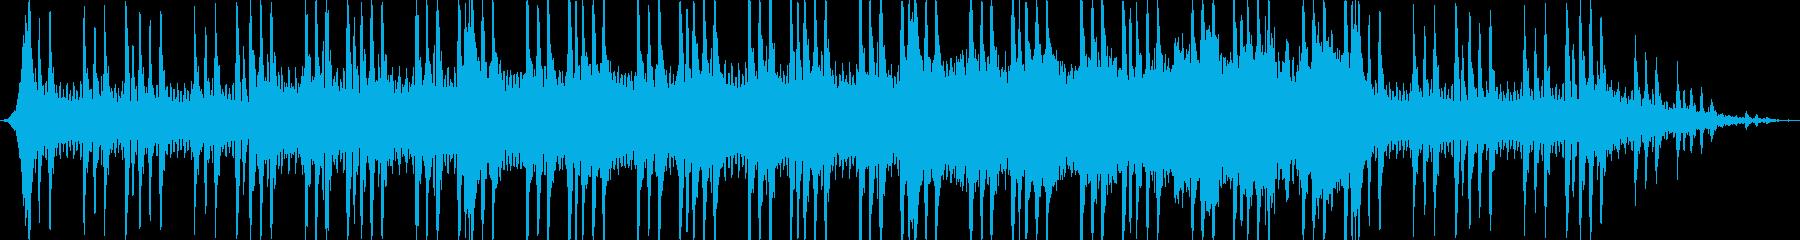 緊迫感のある弦楽曲の再生済みの波形